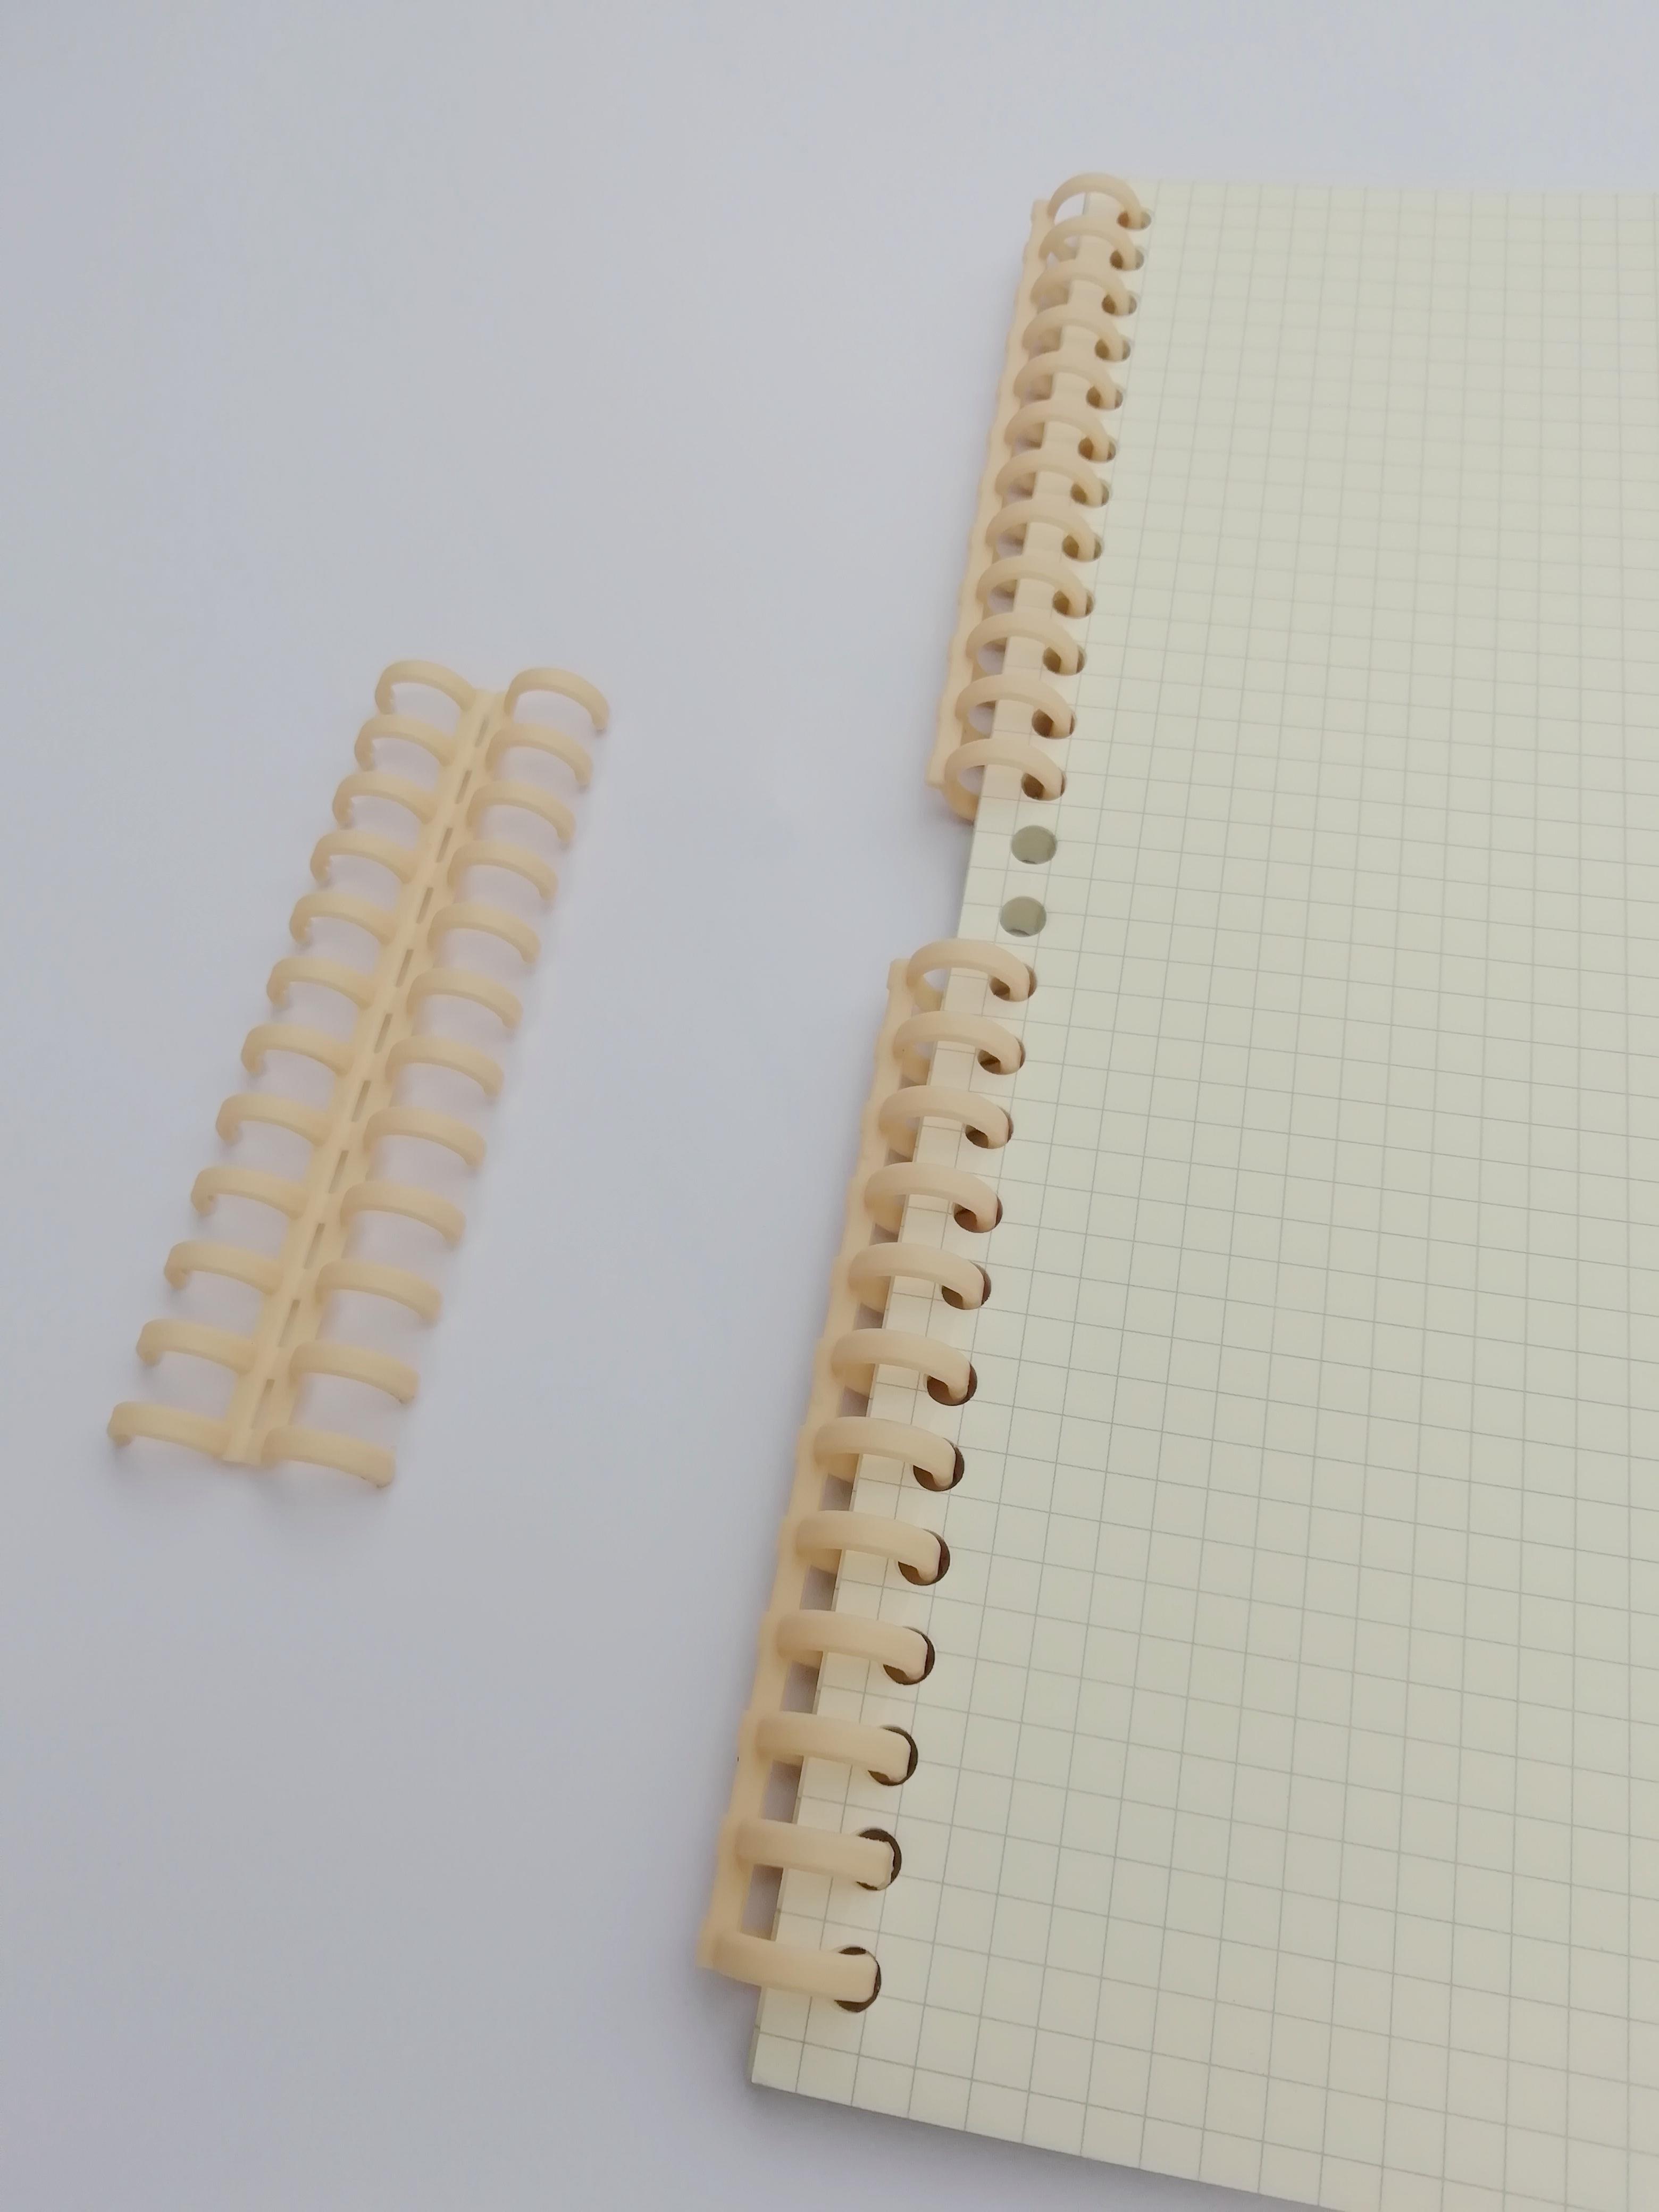 12孔12mm塑料活页圈 适配道林纸咖路打孔器 可剪循环使用 40条